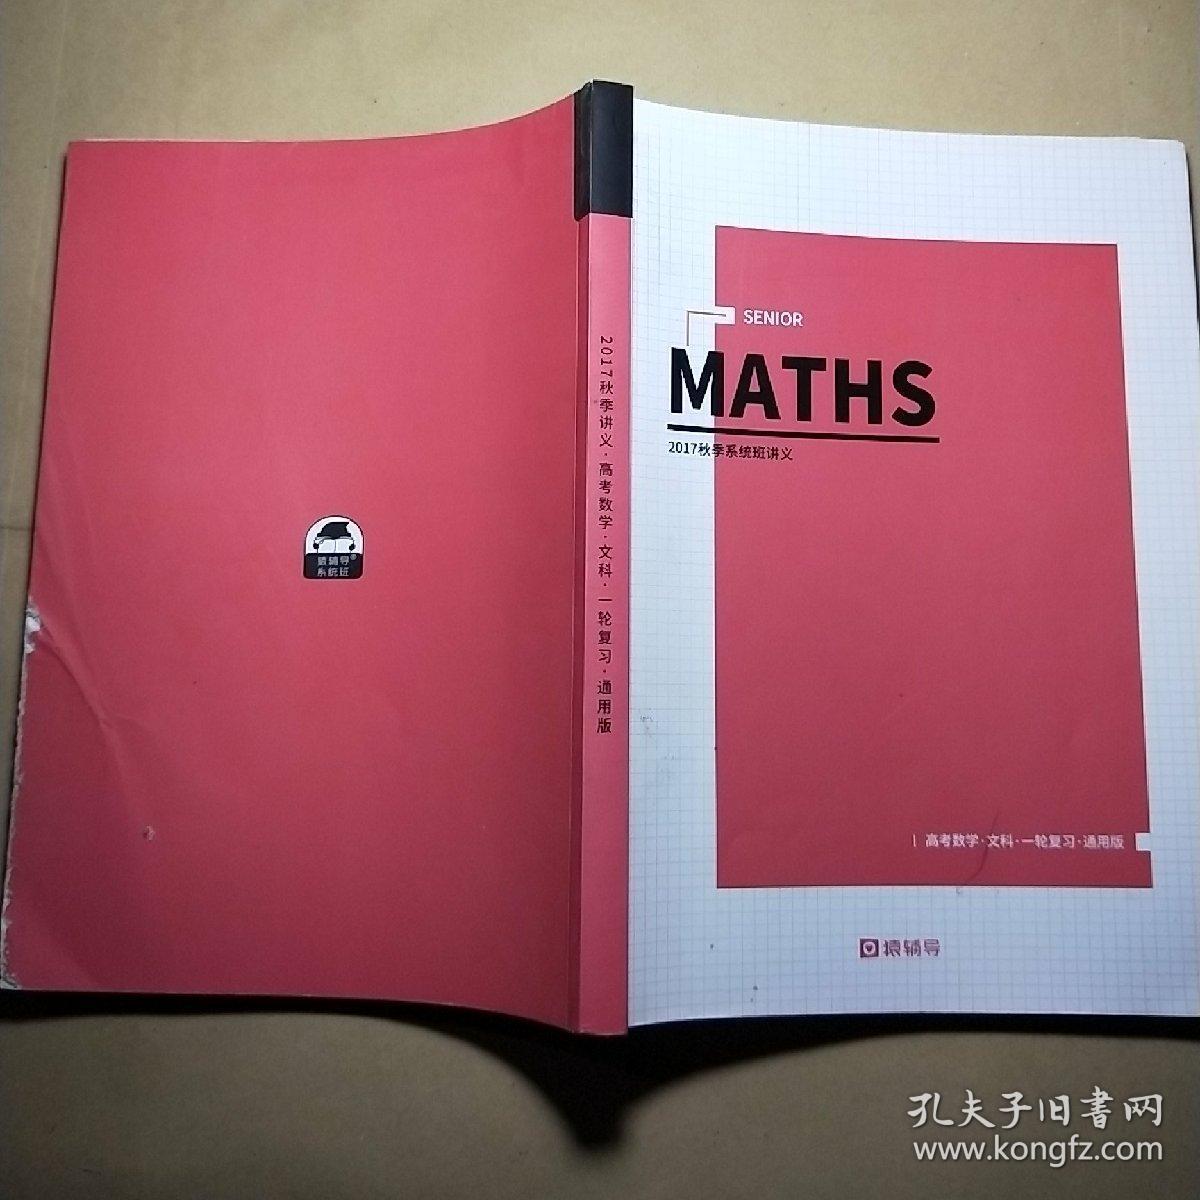 2017秋季讲义.高考数学.文科.一轮复习.通用版